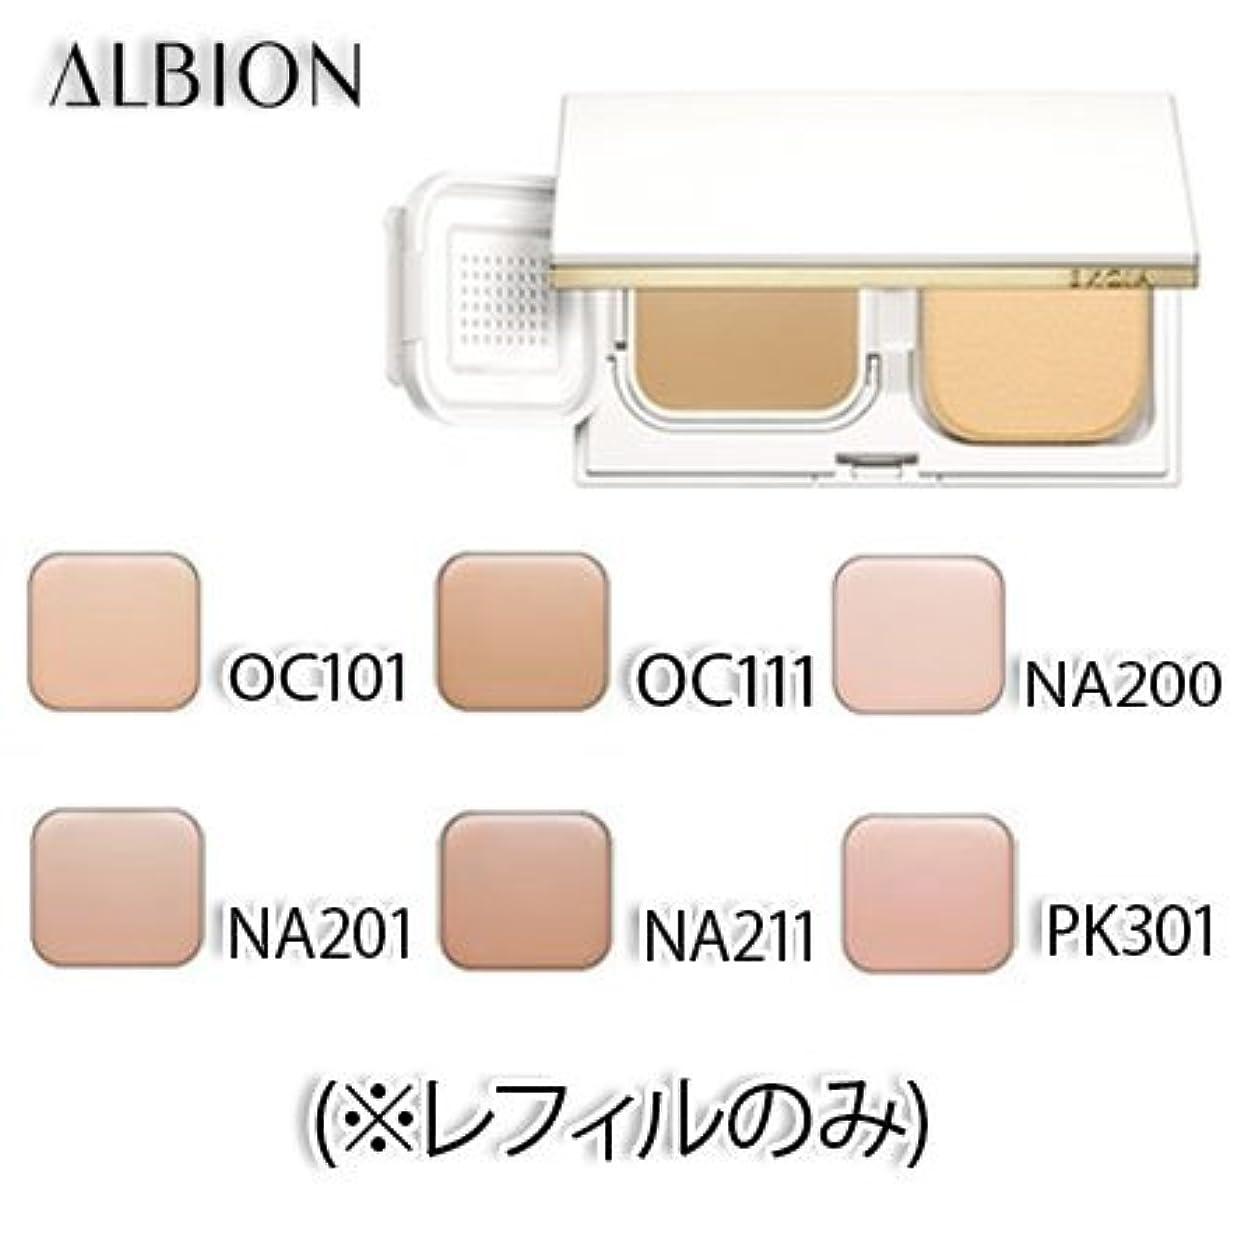 最後にシャークエレメンタルアルビオン エクシア AL リフティング エマルジョン ホワイト 6色 SPF47 PA++++ (レフィルのみ) -ALBION- NA211